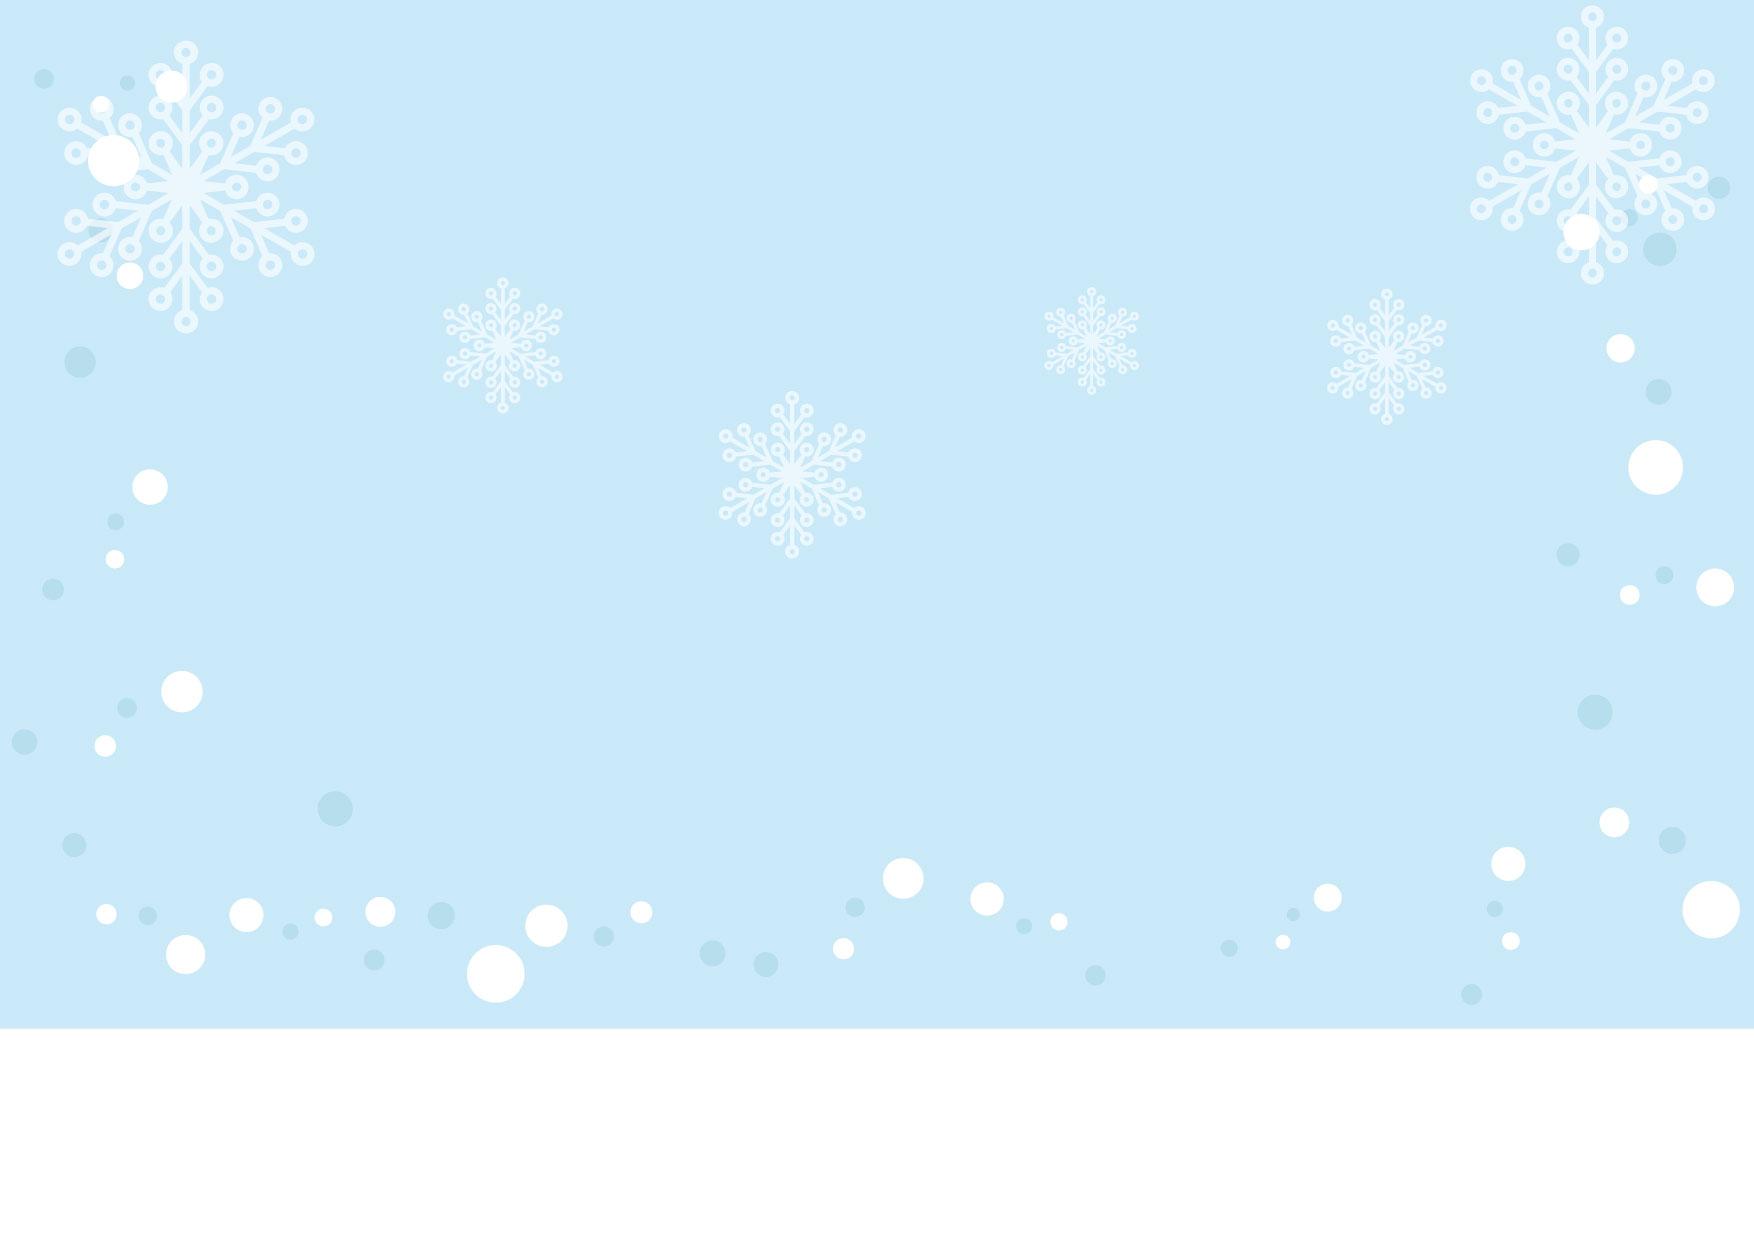 雪 背景 イラスト | 7331 イラス